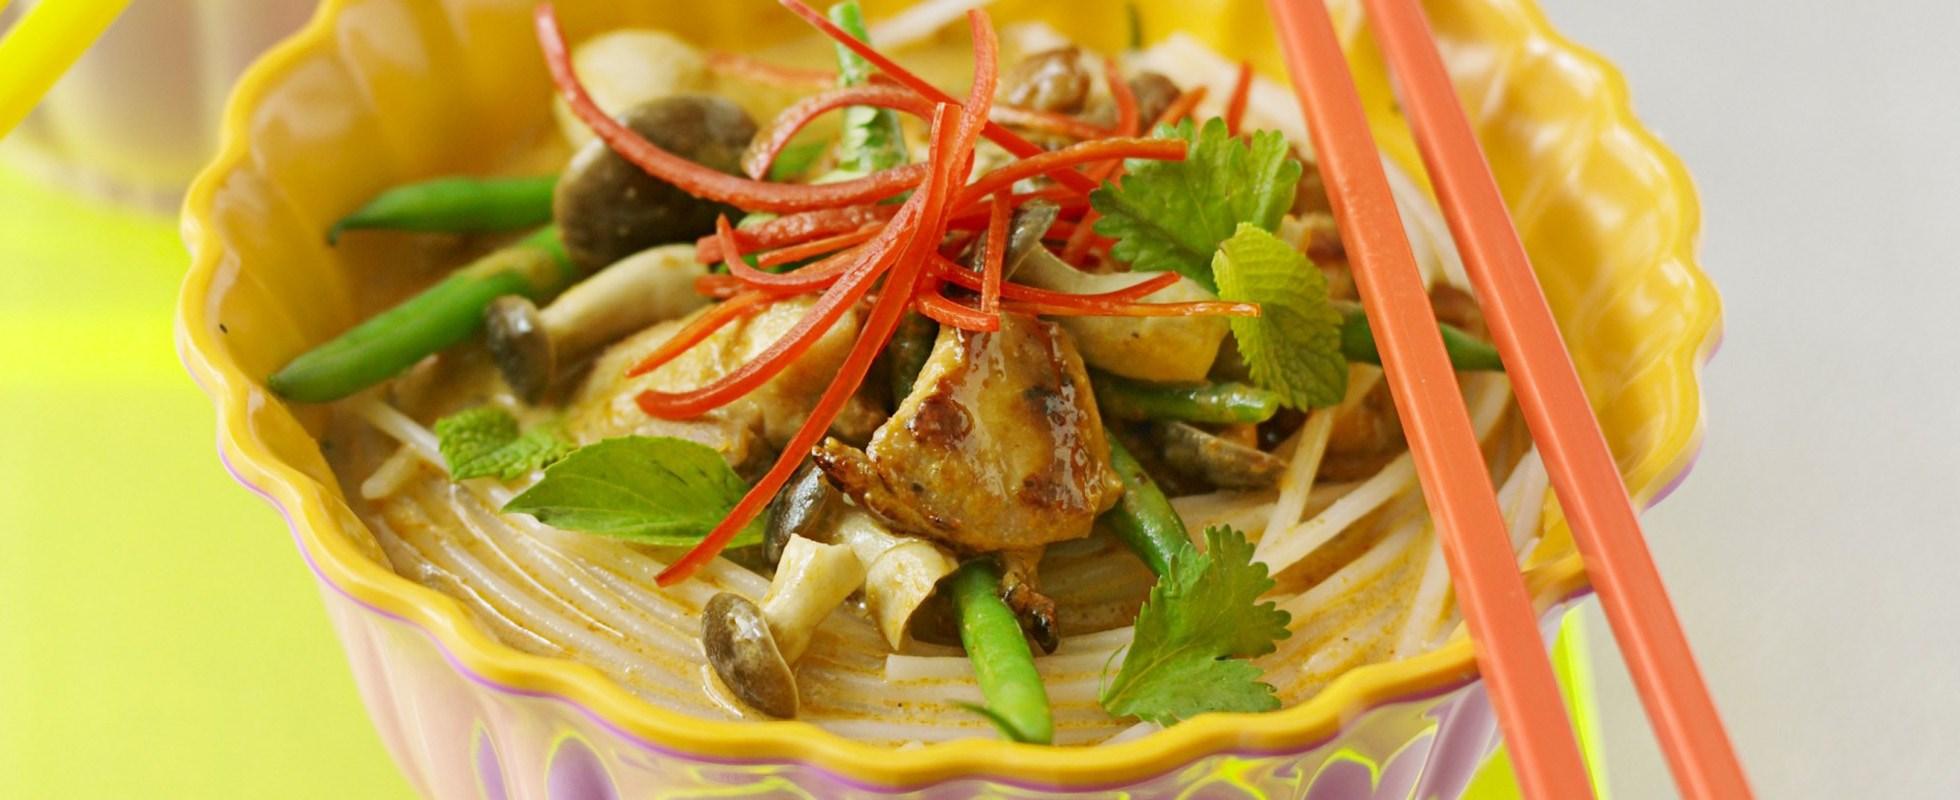 Coconut chicken noodles